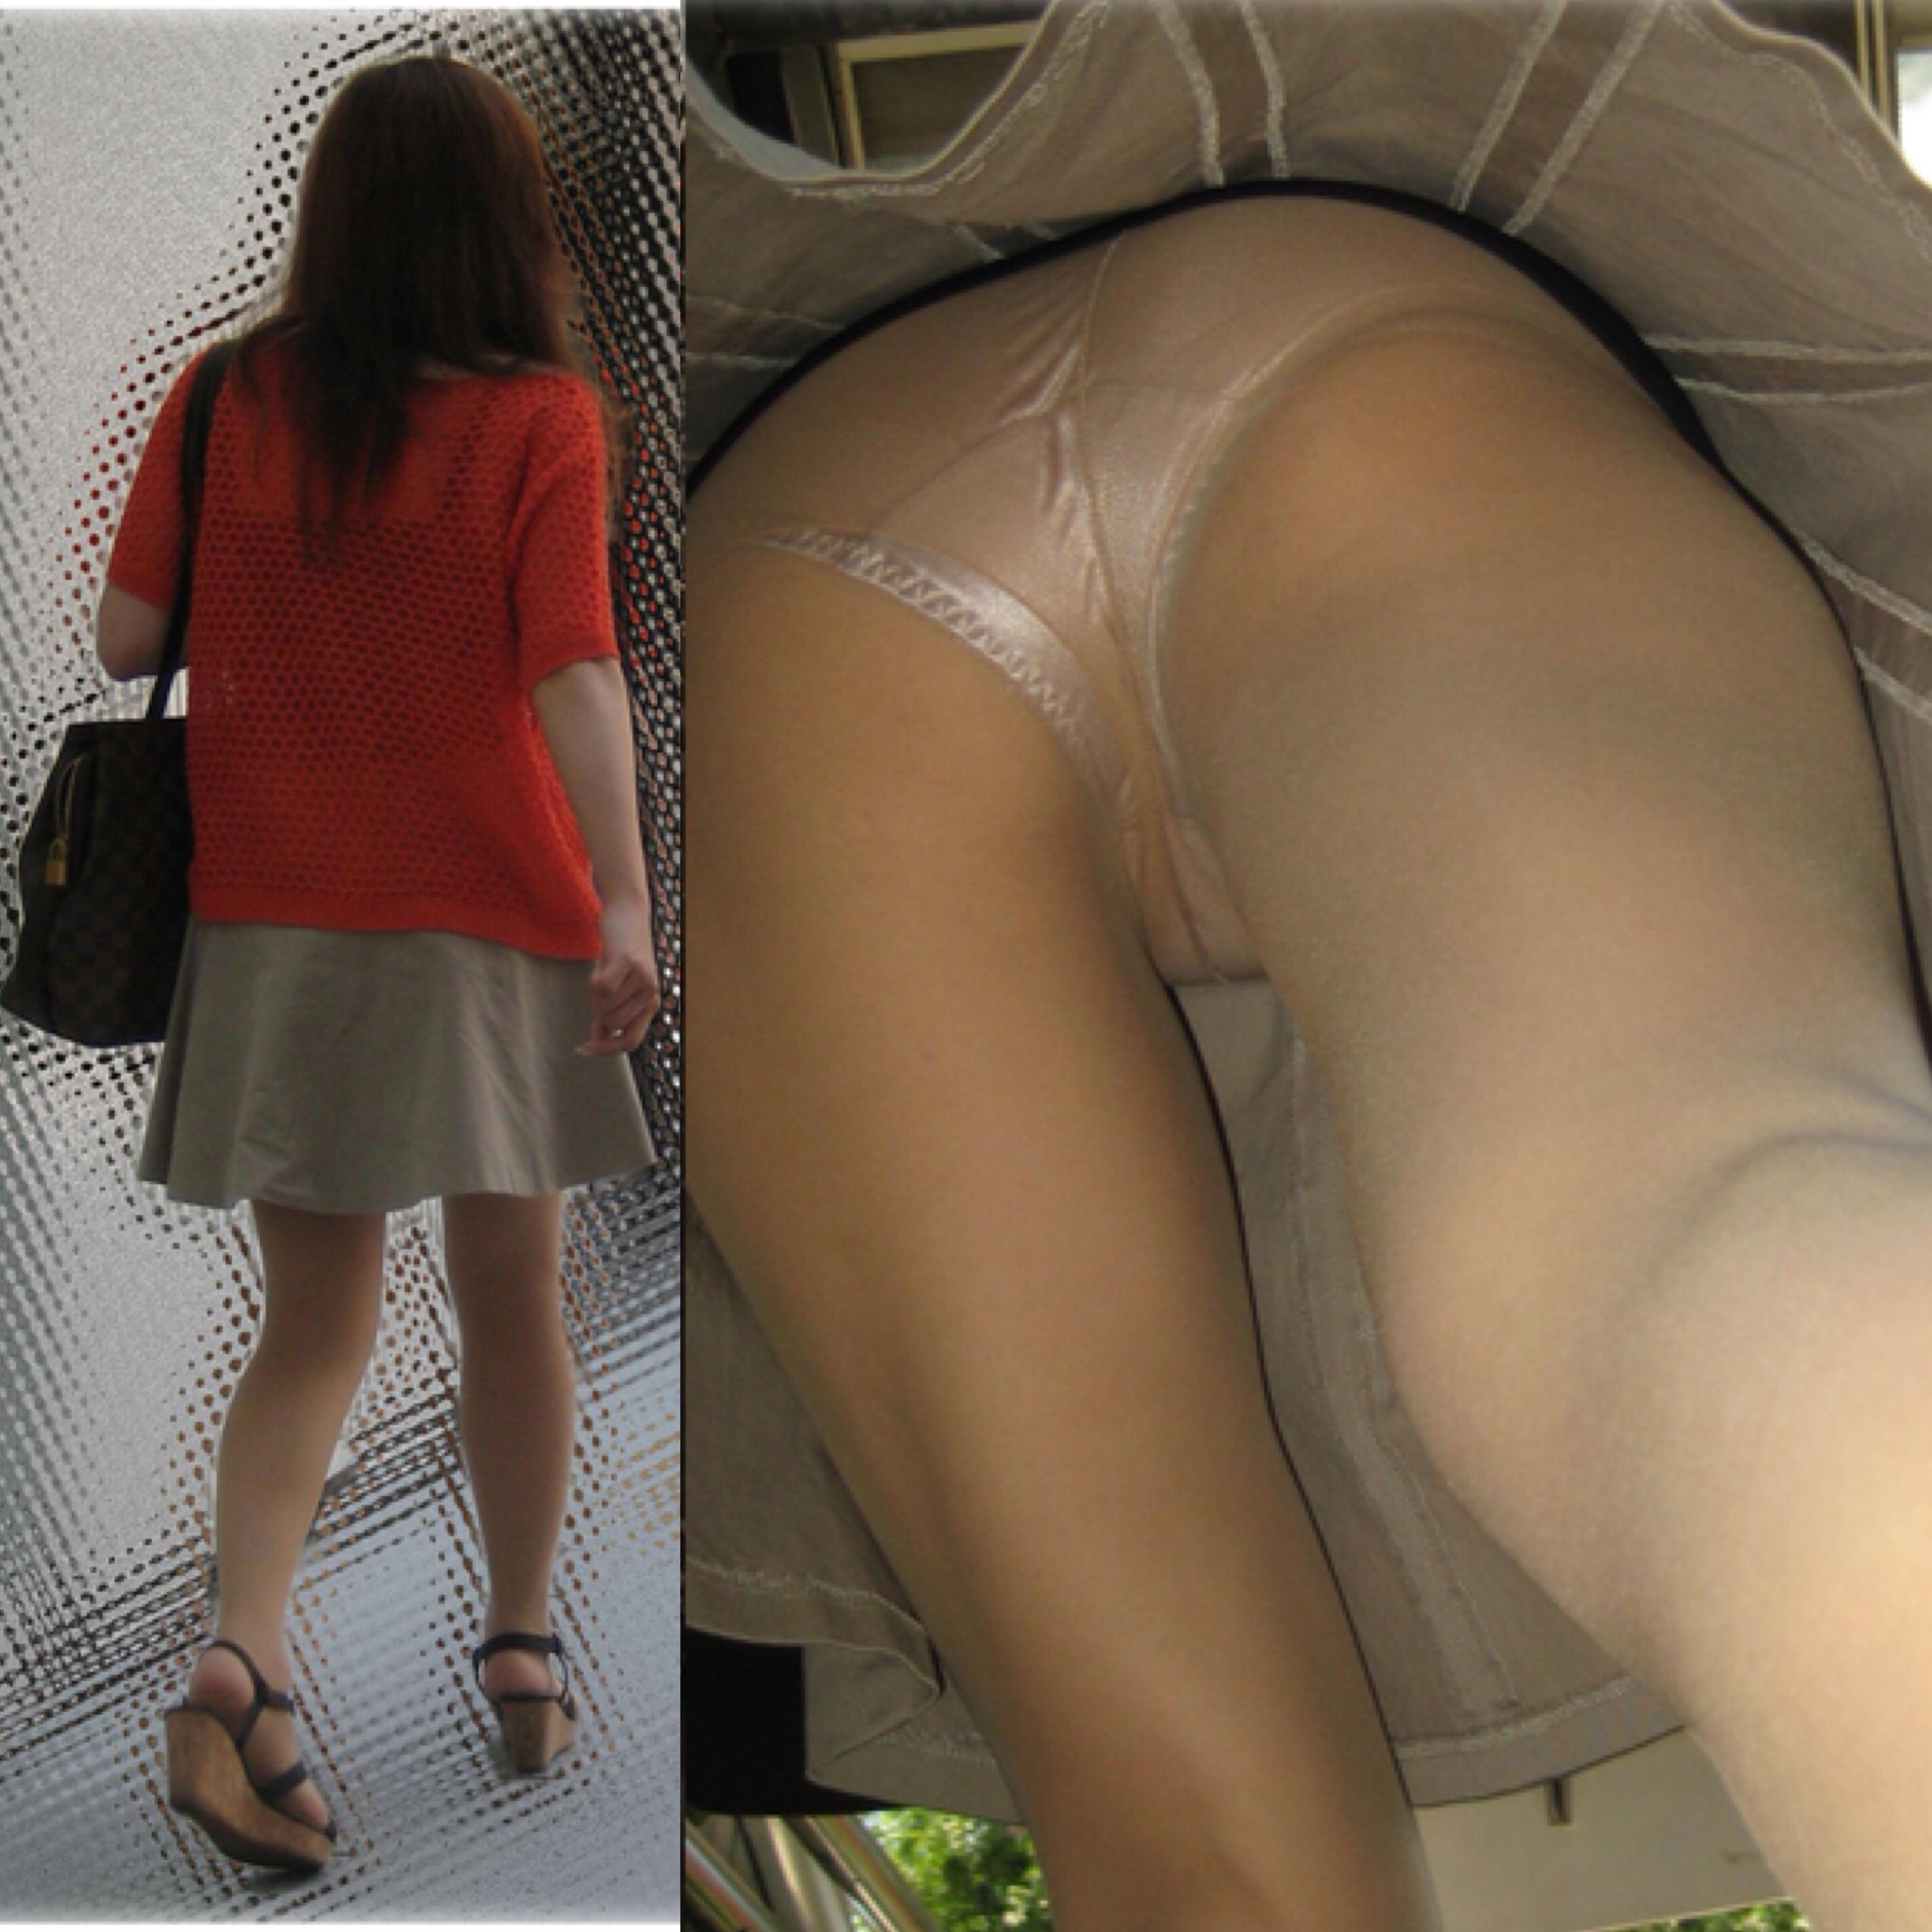 【パンチラエロ画像】どんな下着も丸見え!ムッチリ股間を逆さ撮りwww 29